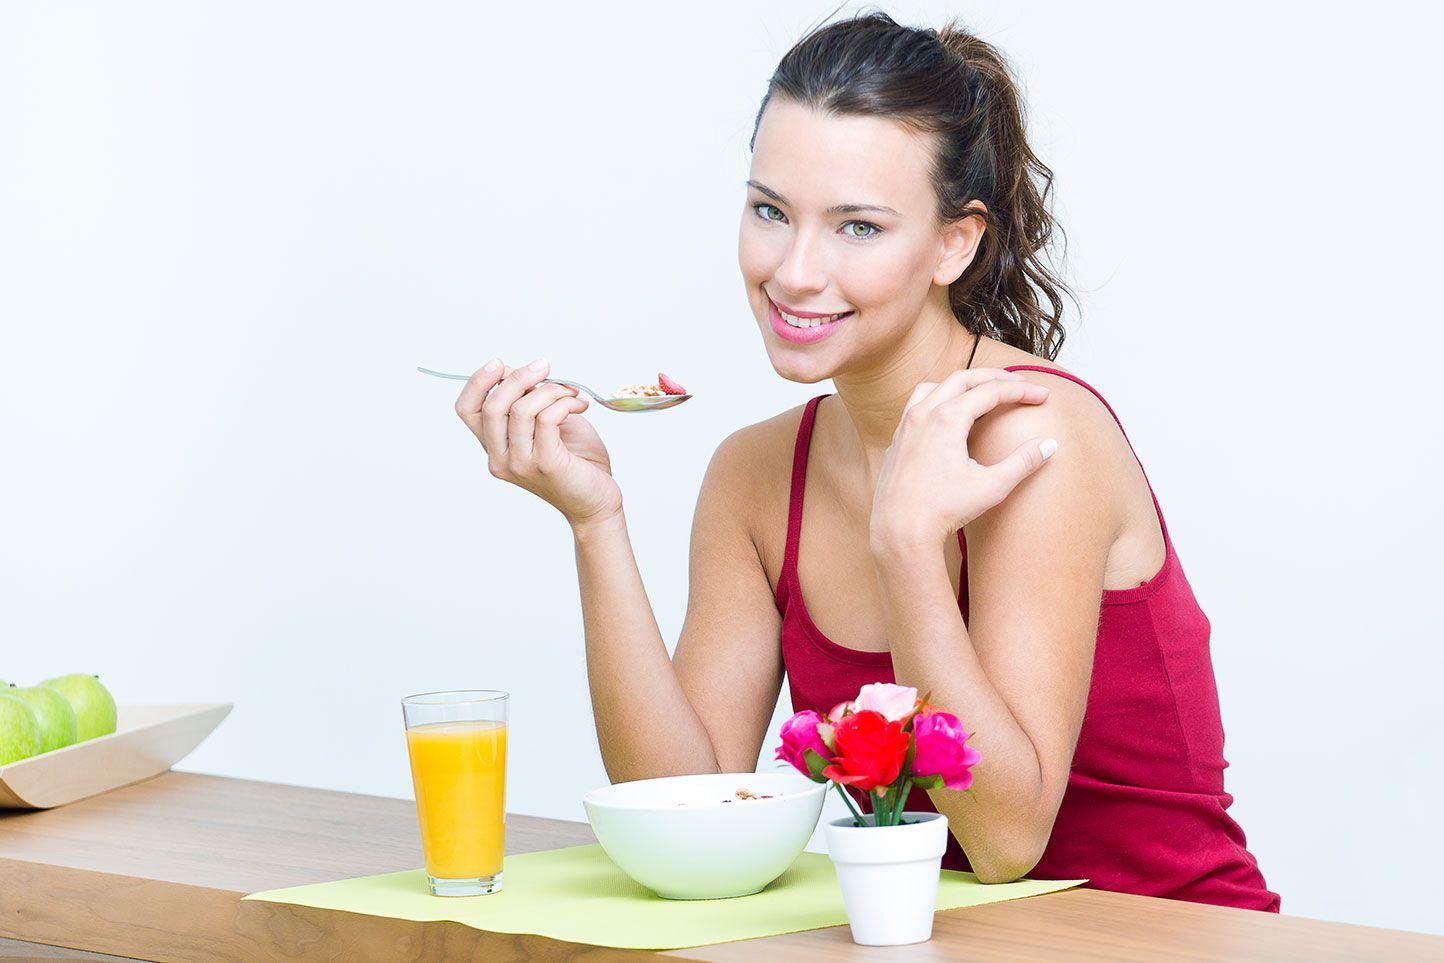 Все Секреты Диеты. Правильное питание для похудения: секреты стройного тела